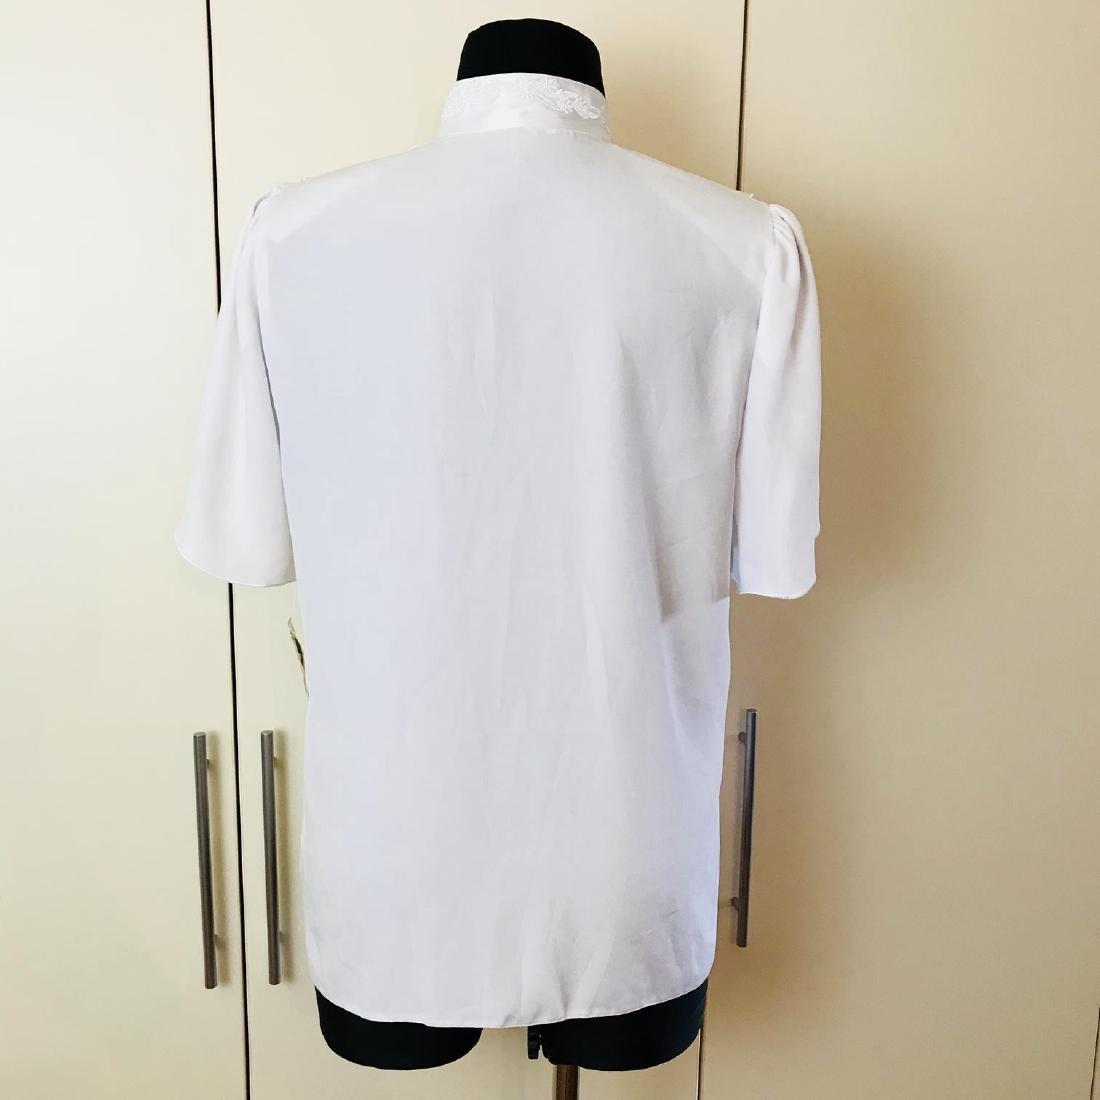 1960s Vintage Women's Blouse Shirt Top - 5